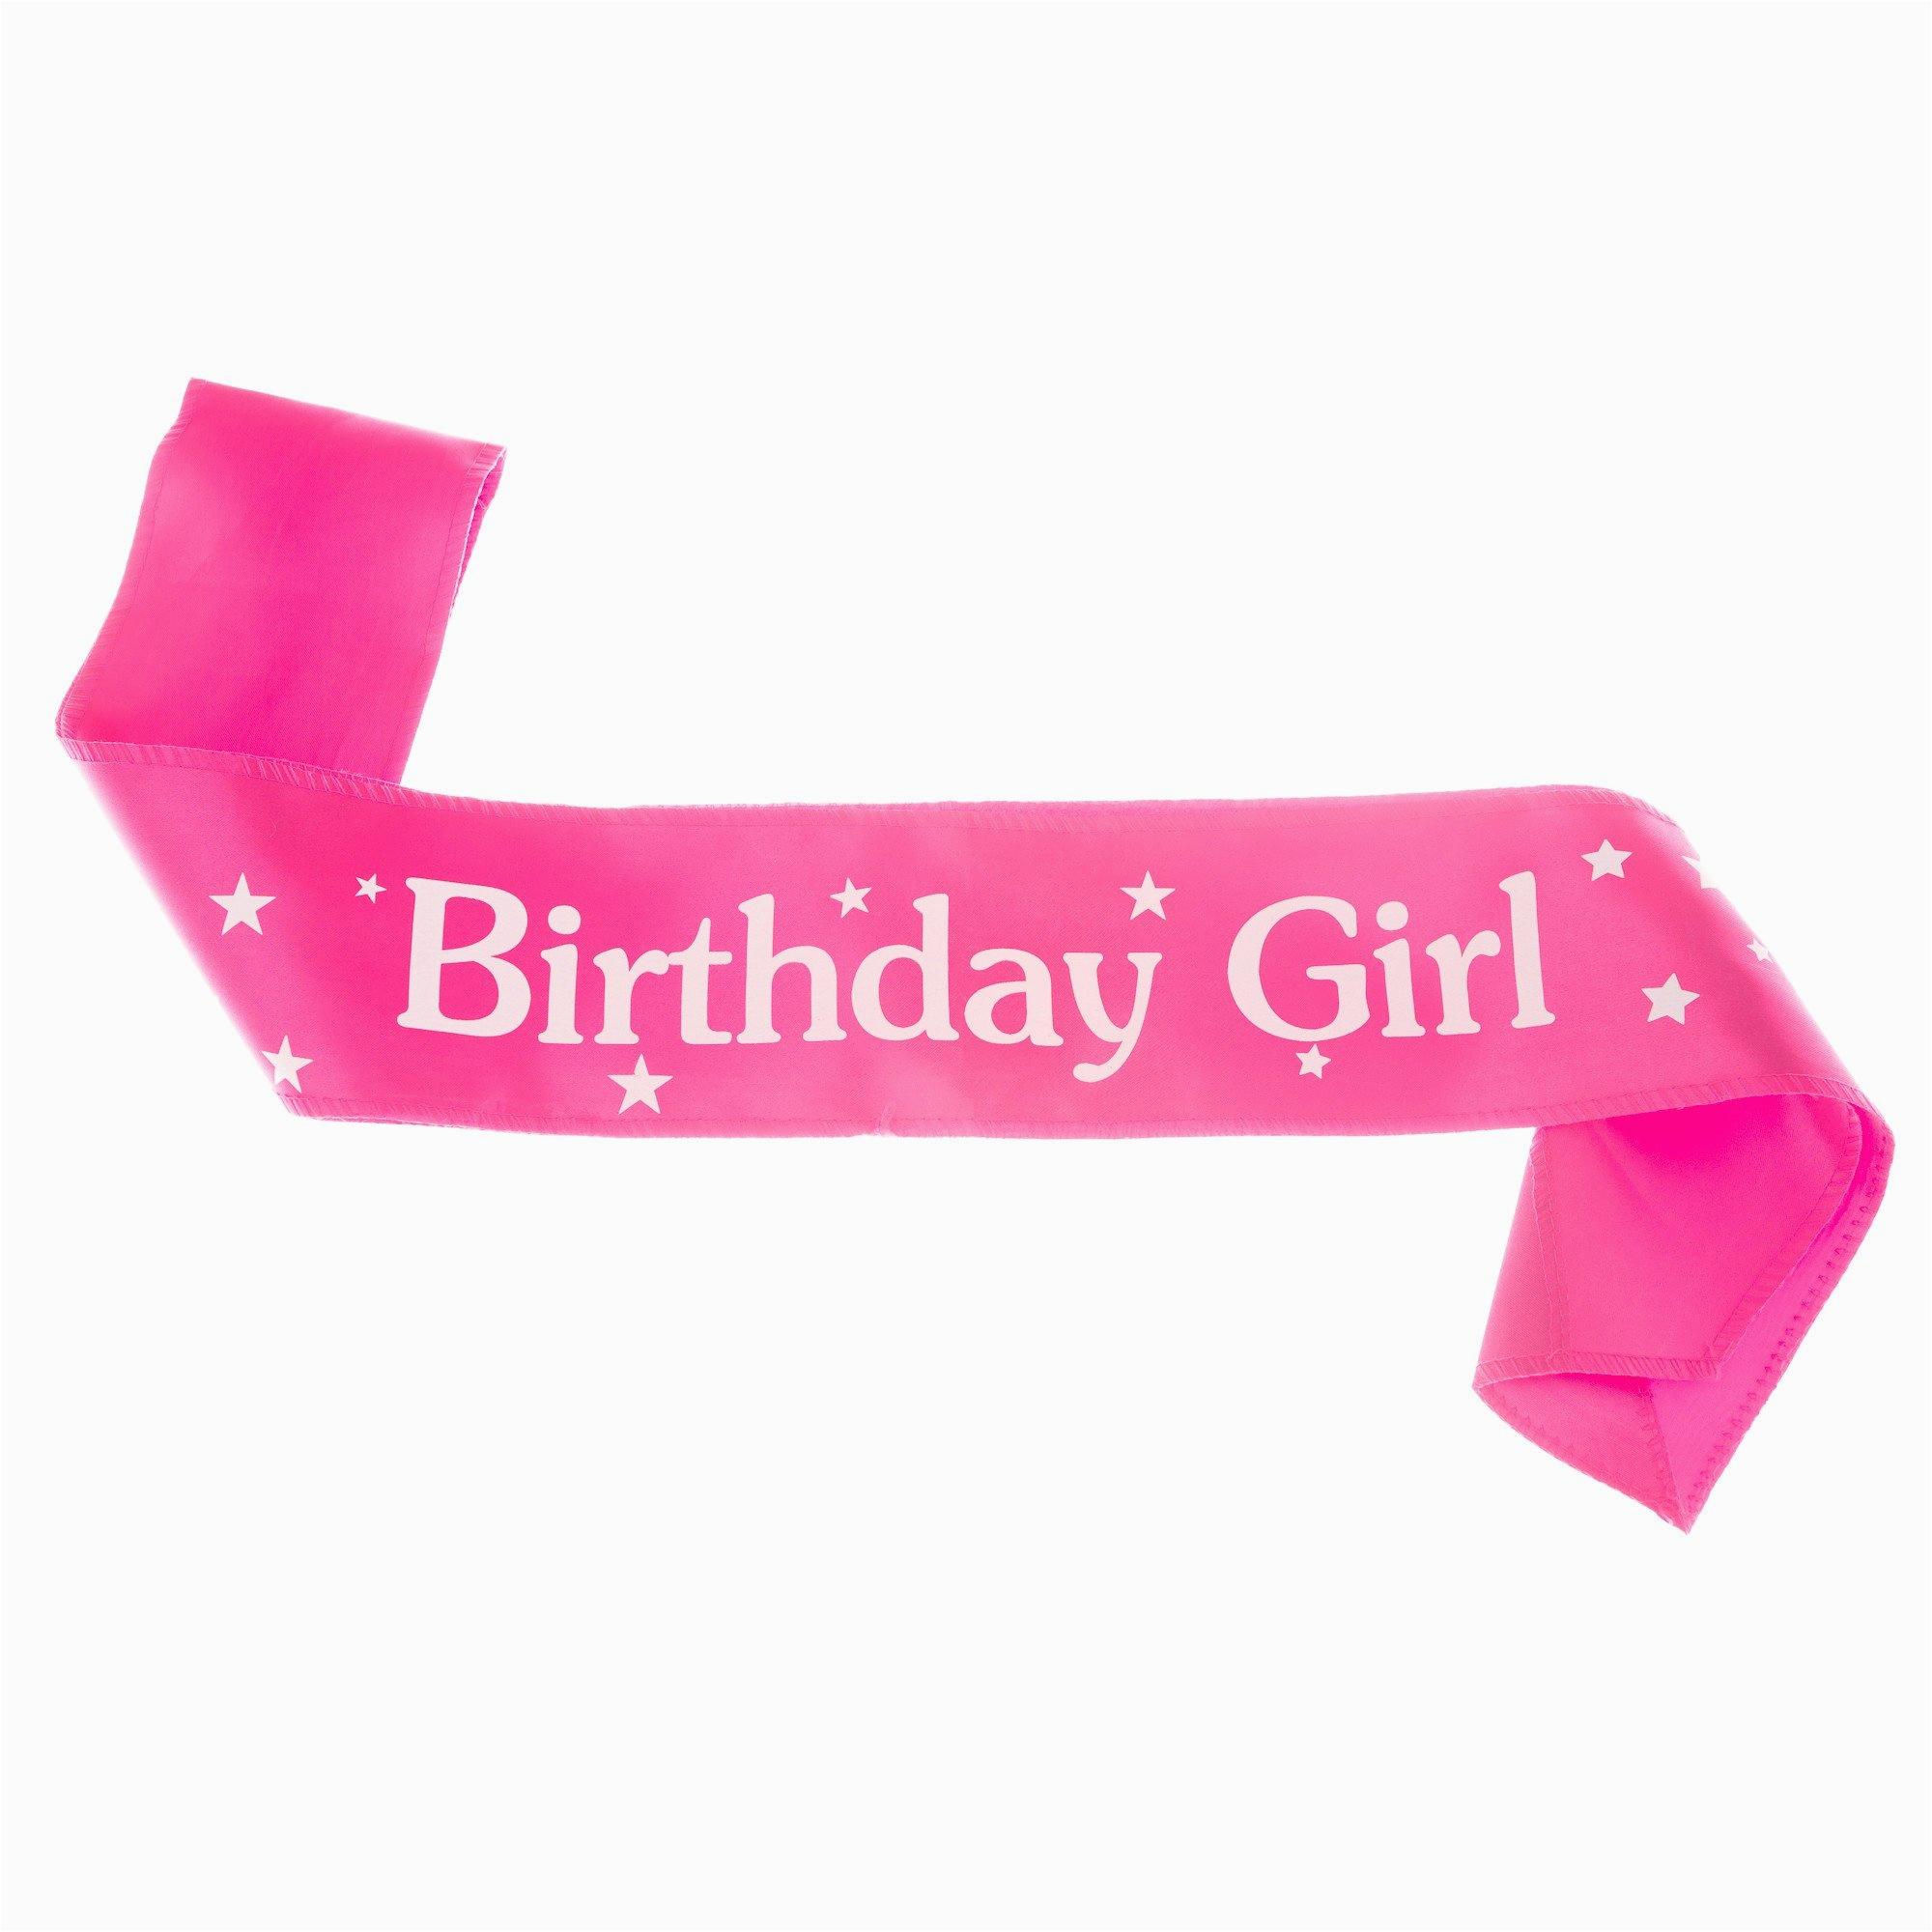 birthday girl tiara and sash